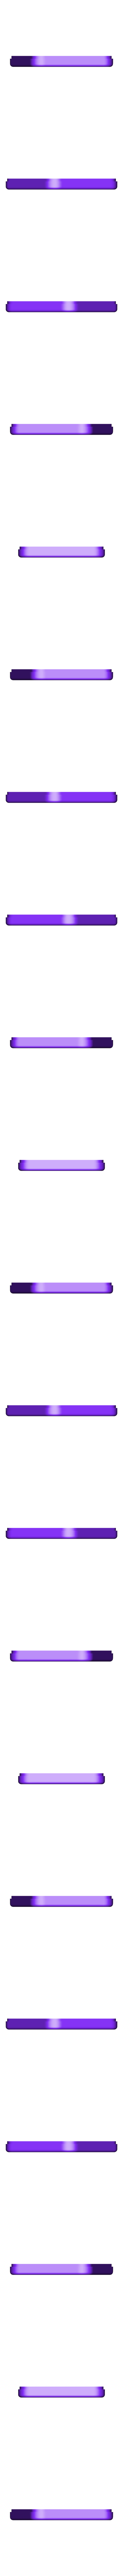 BrushBox-top.stl Download free STL file UV Brush cleaner • 3D printer model, Adafruit